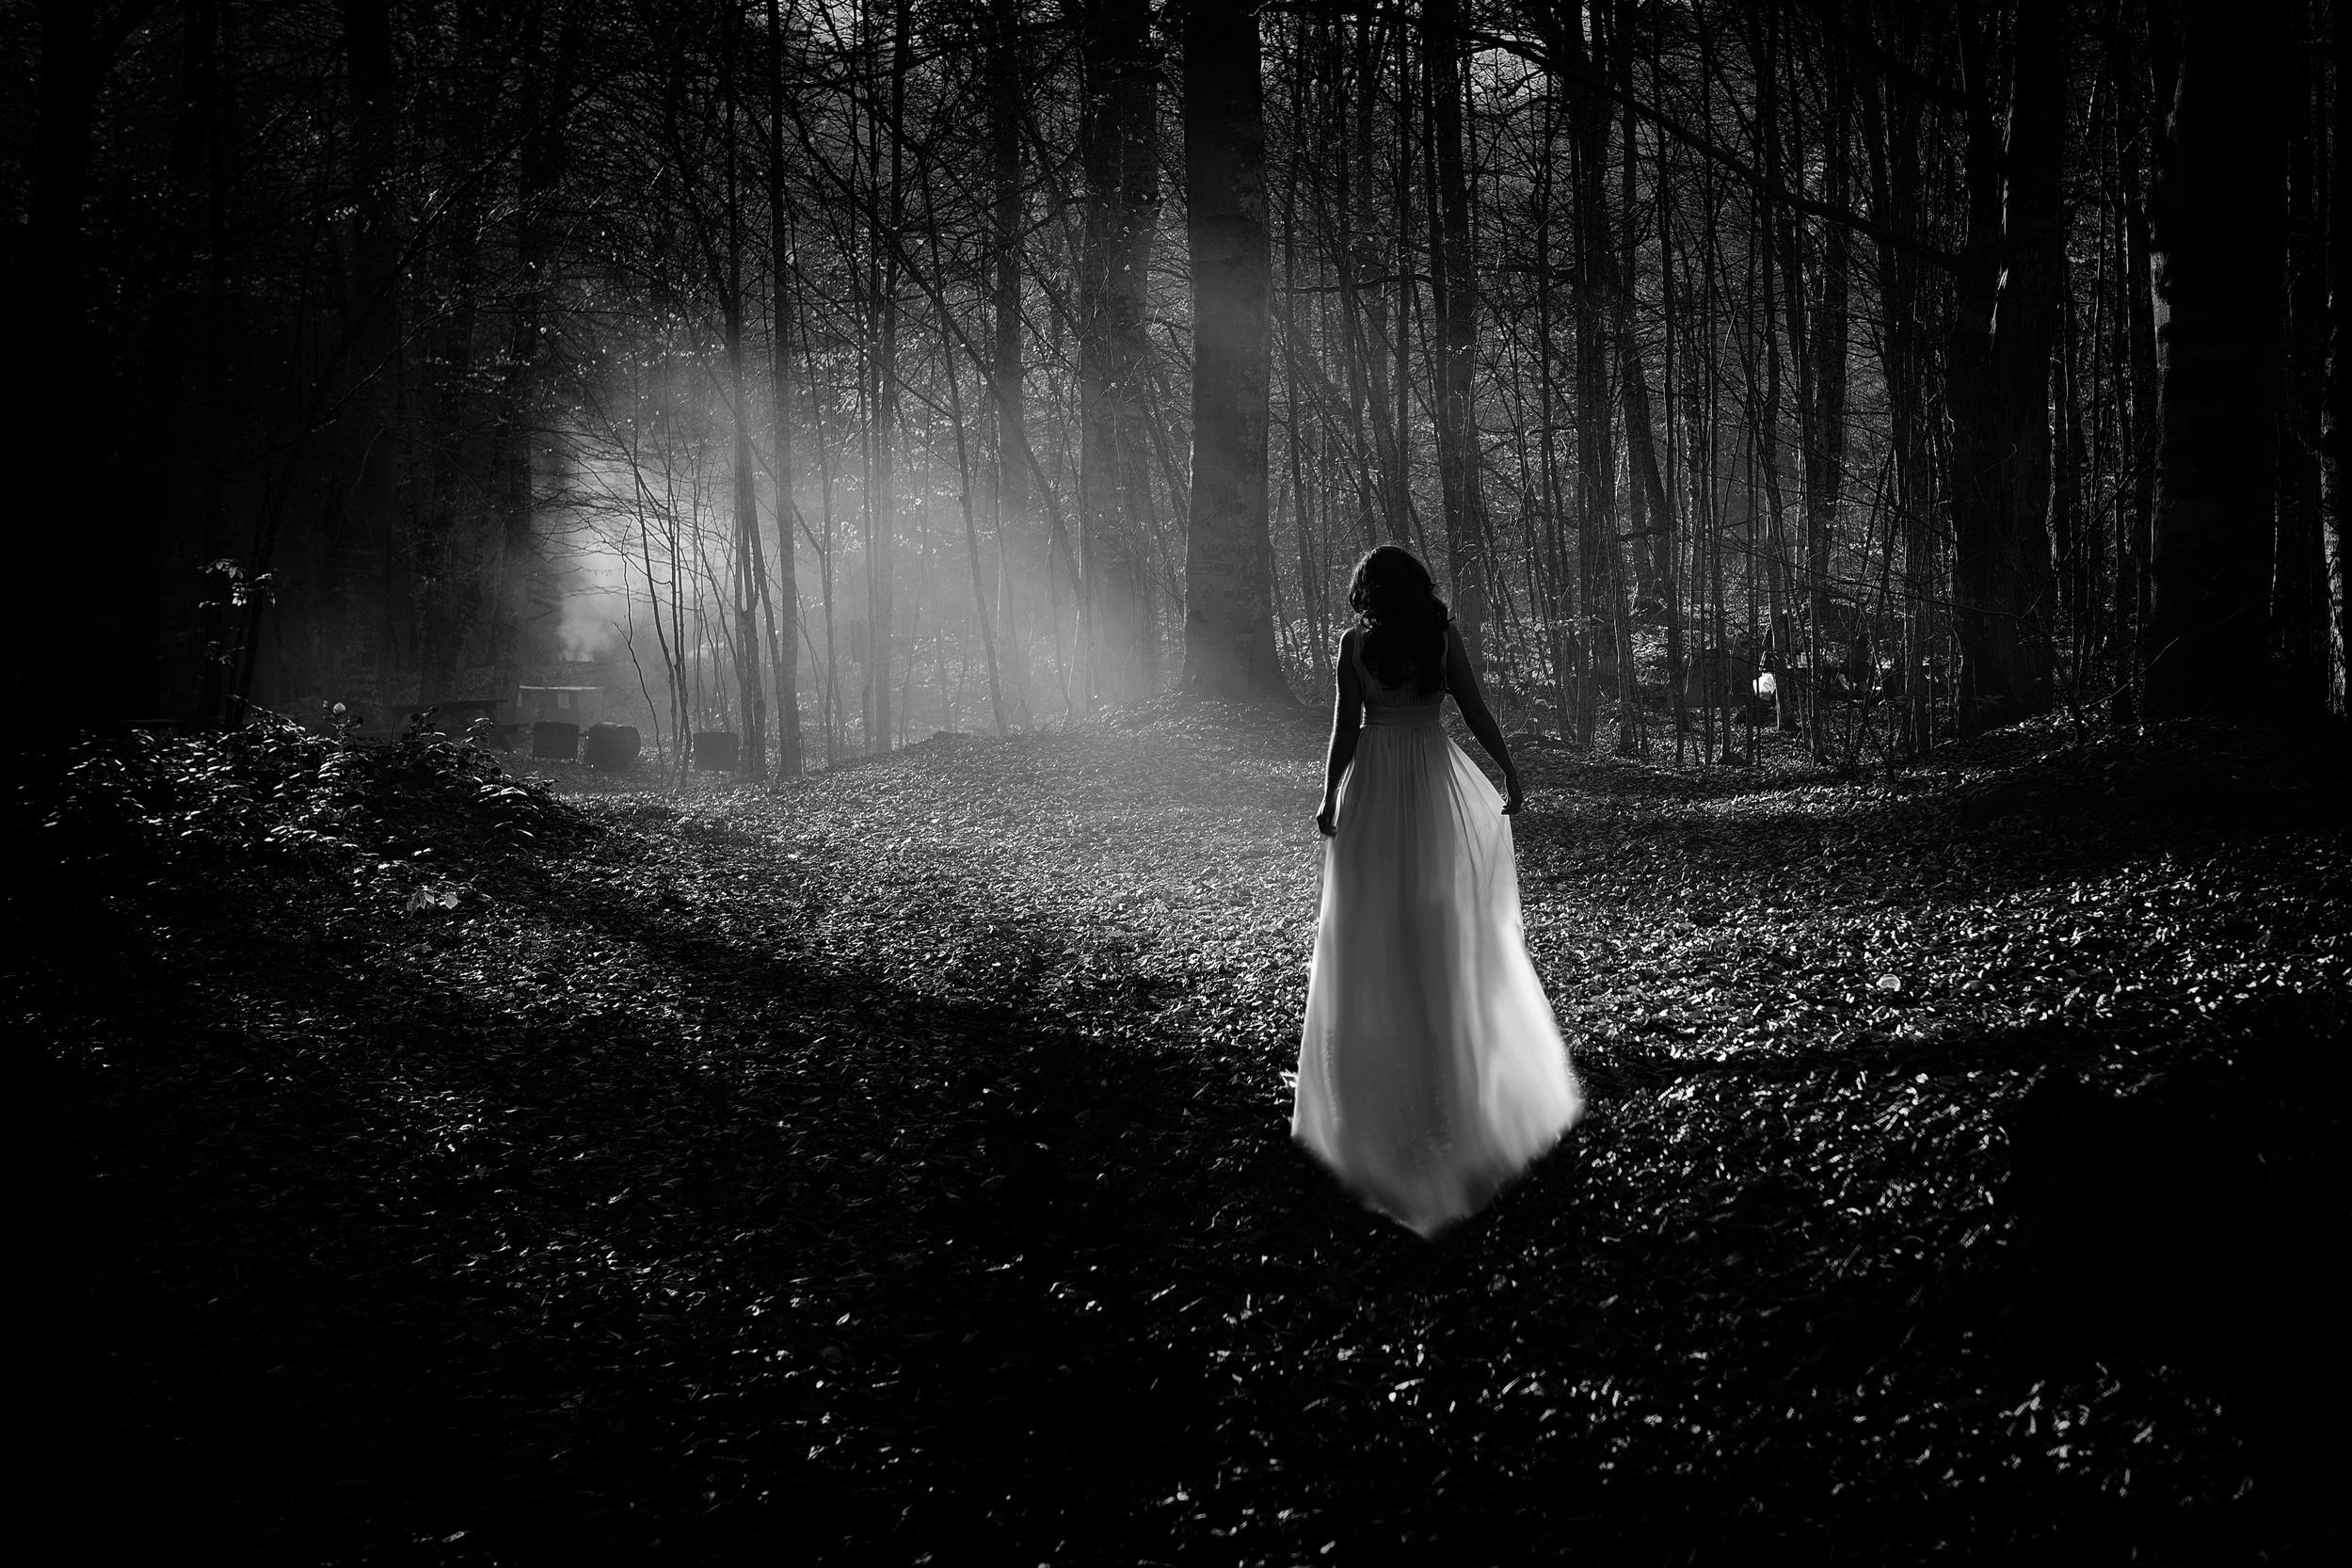 к чему снится черно белая фотография